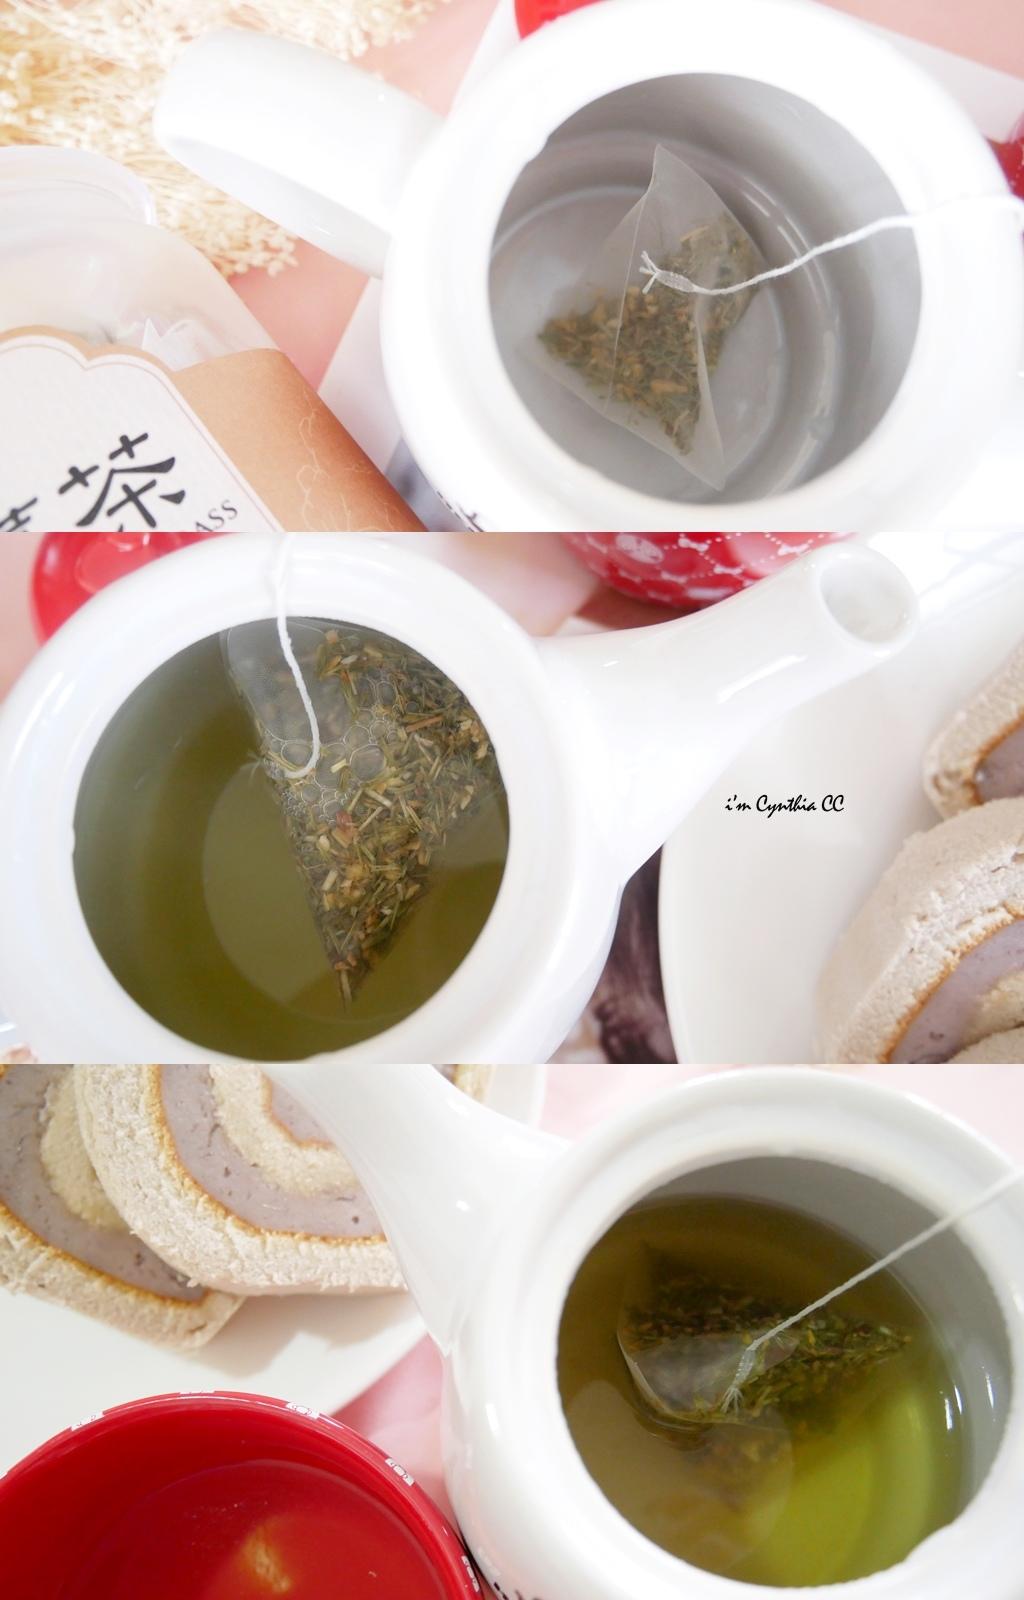 台灣花茶曼寧Magnet無咖啡因檸香薑茶與深培黑豆茶